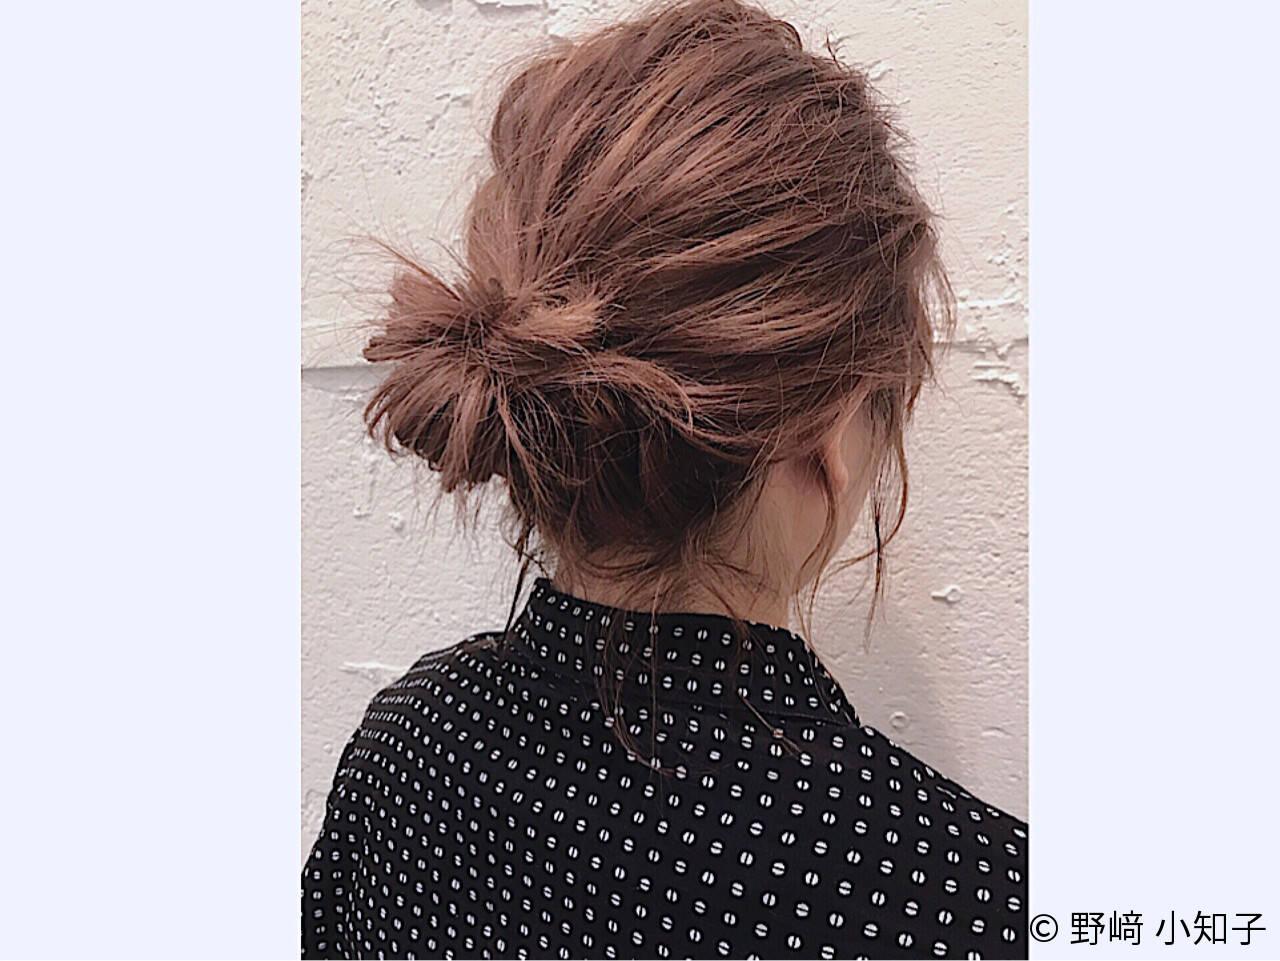 ヘアアレンジ ショート お団子 伸ばしかけヘアスタイルや髪型の写真・画像